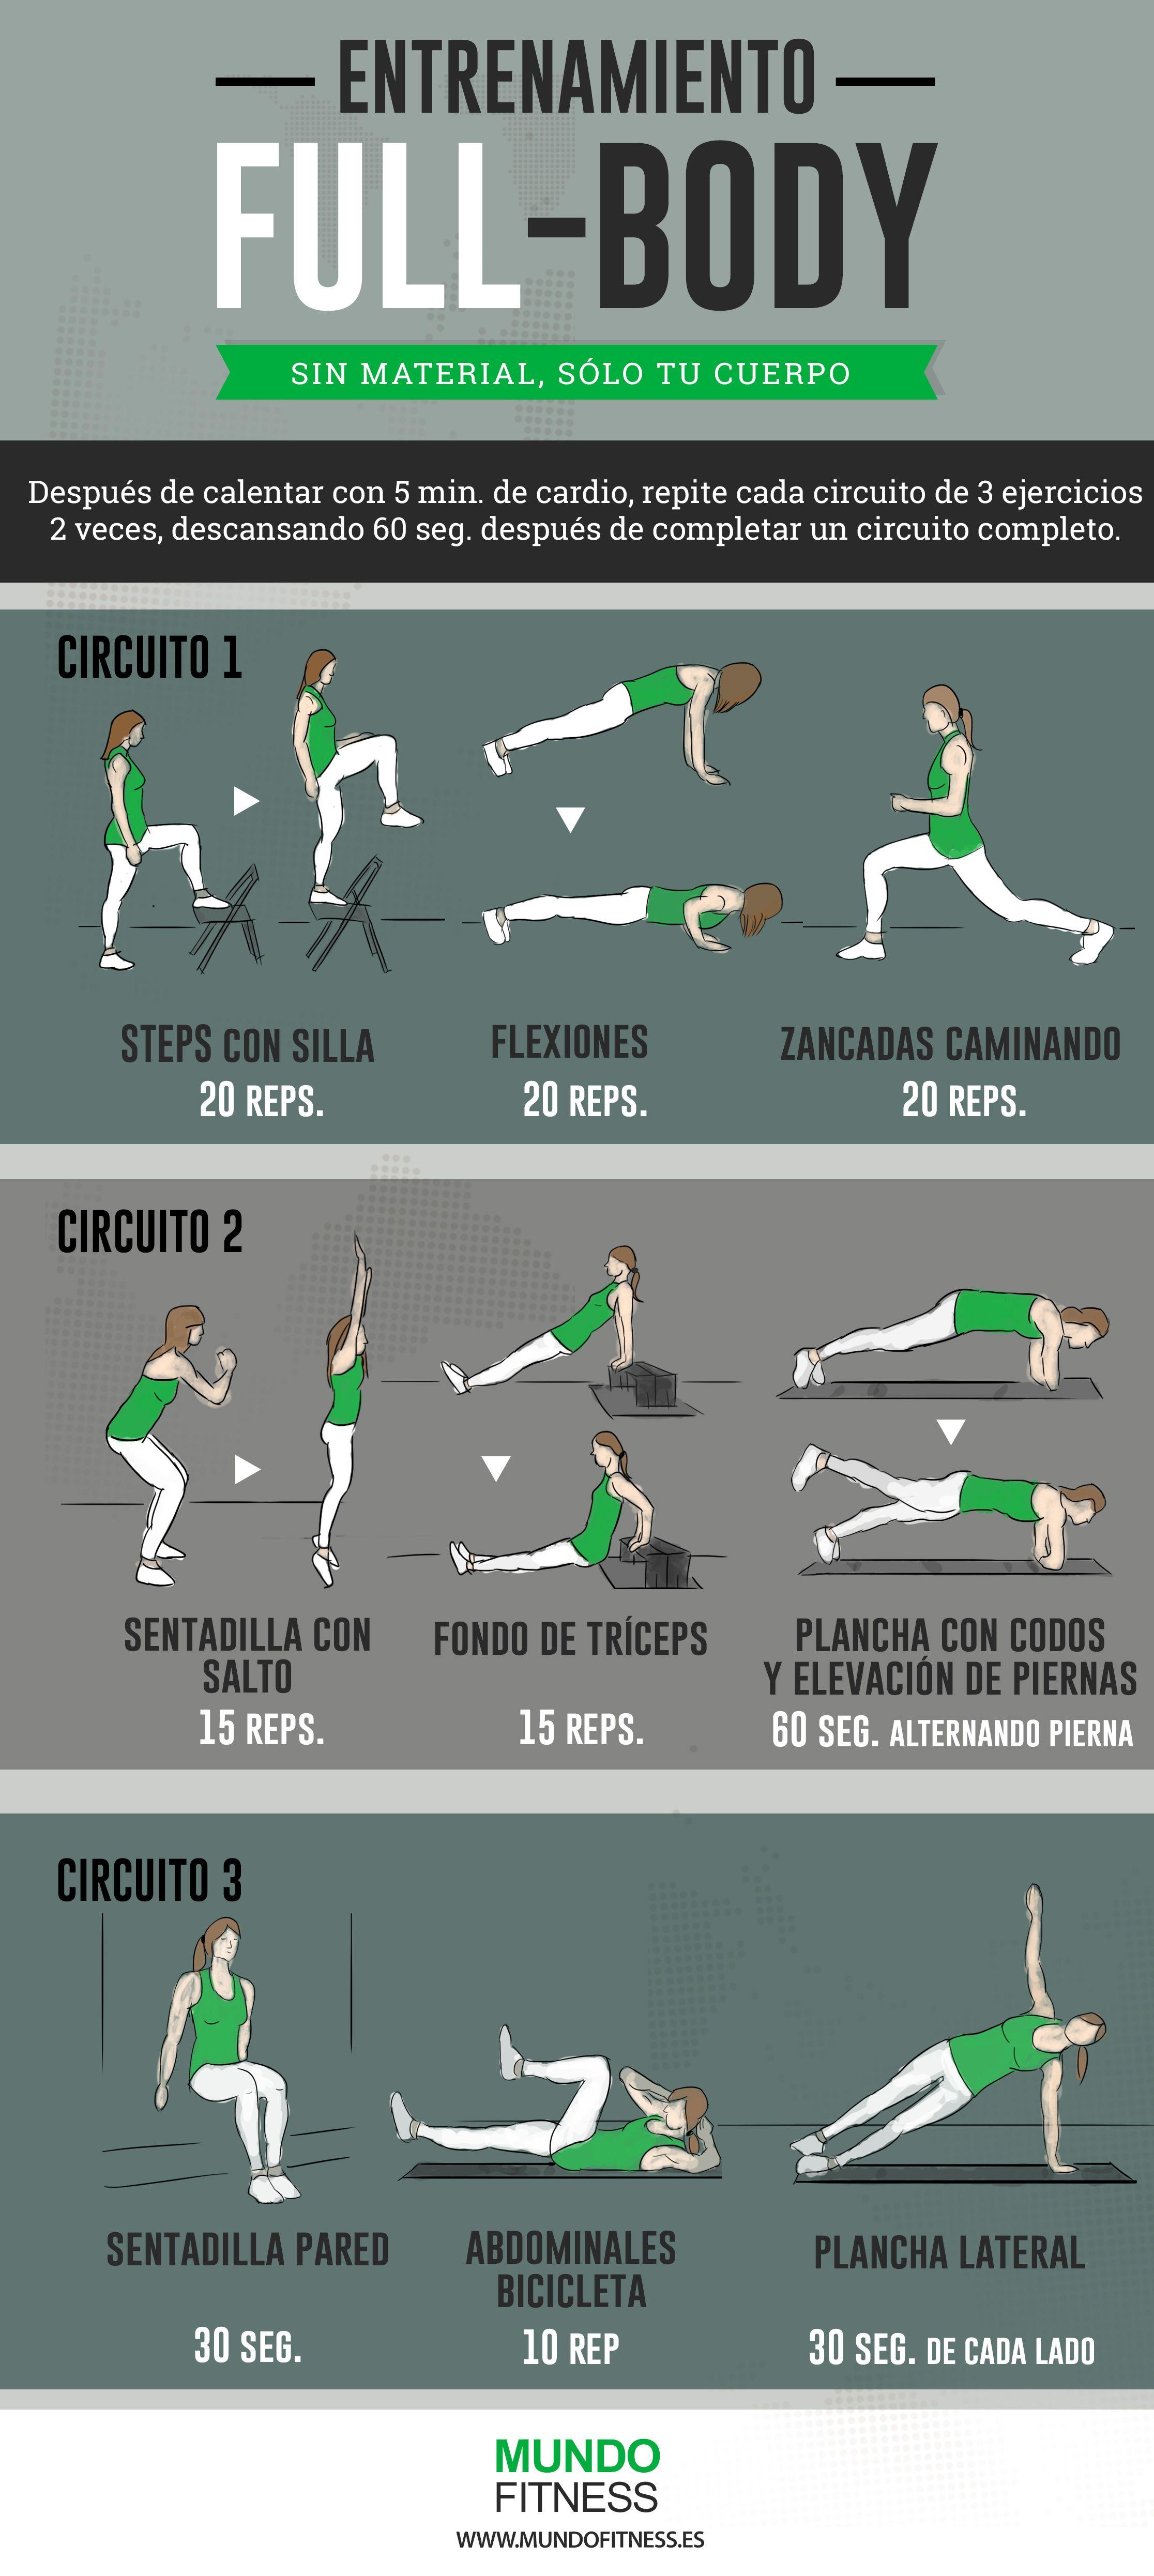 Circuito Gym : Gimnasio de entrenamiento de la fuerza entrenamiento de circuito